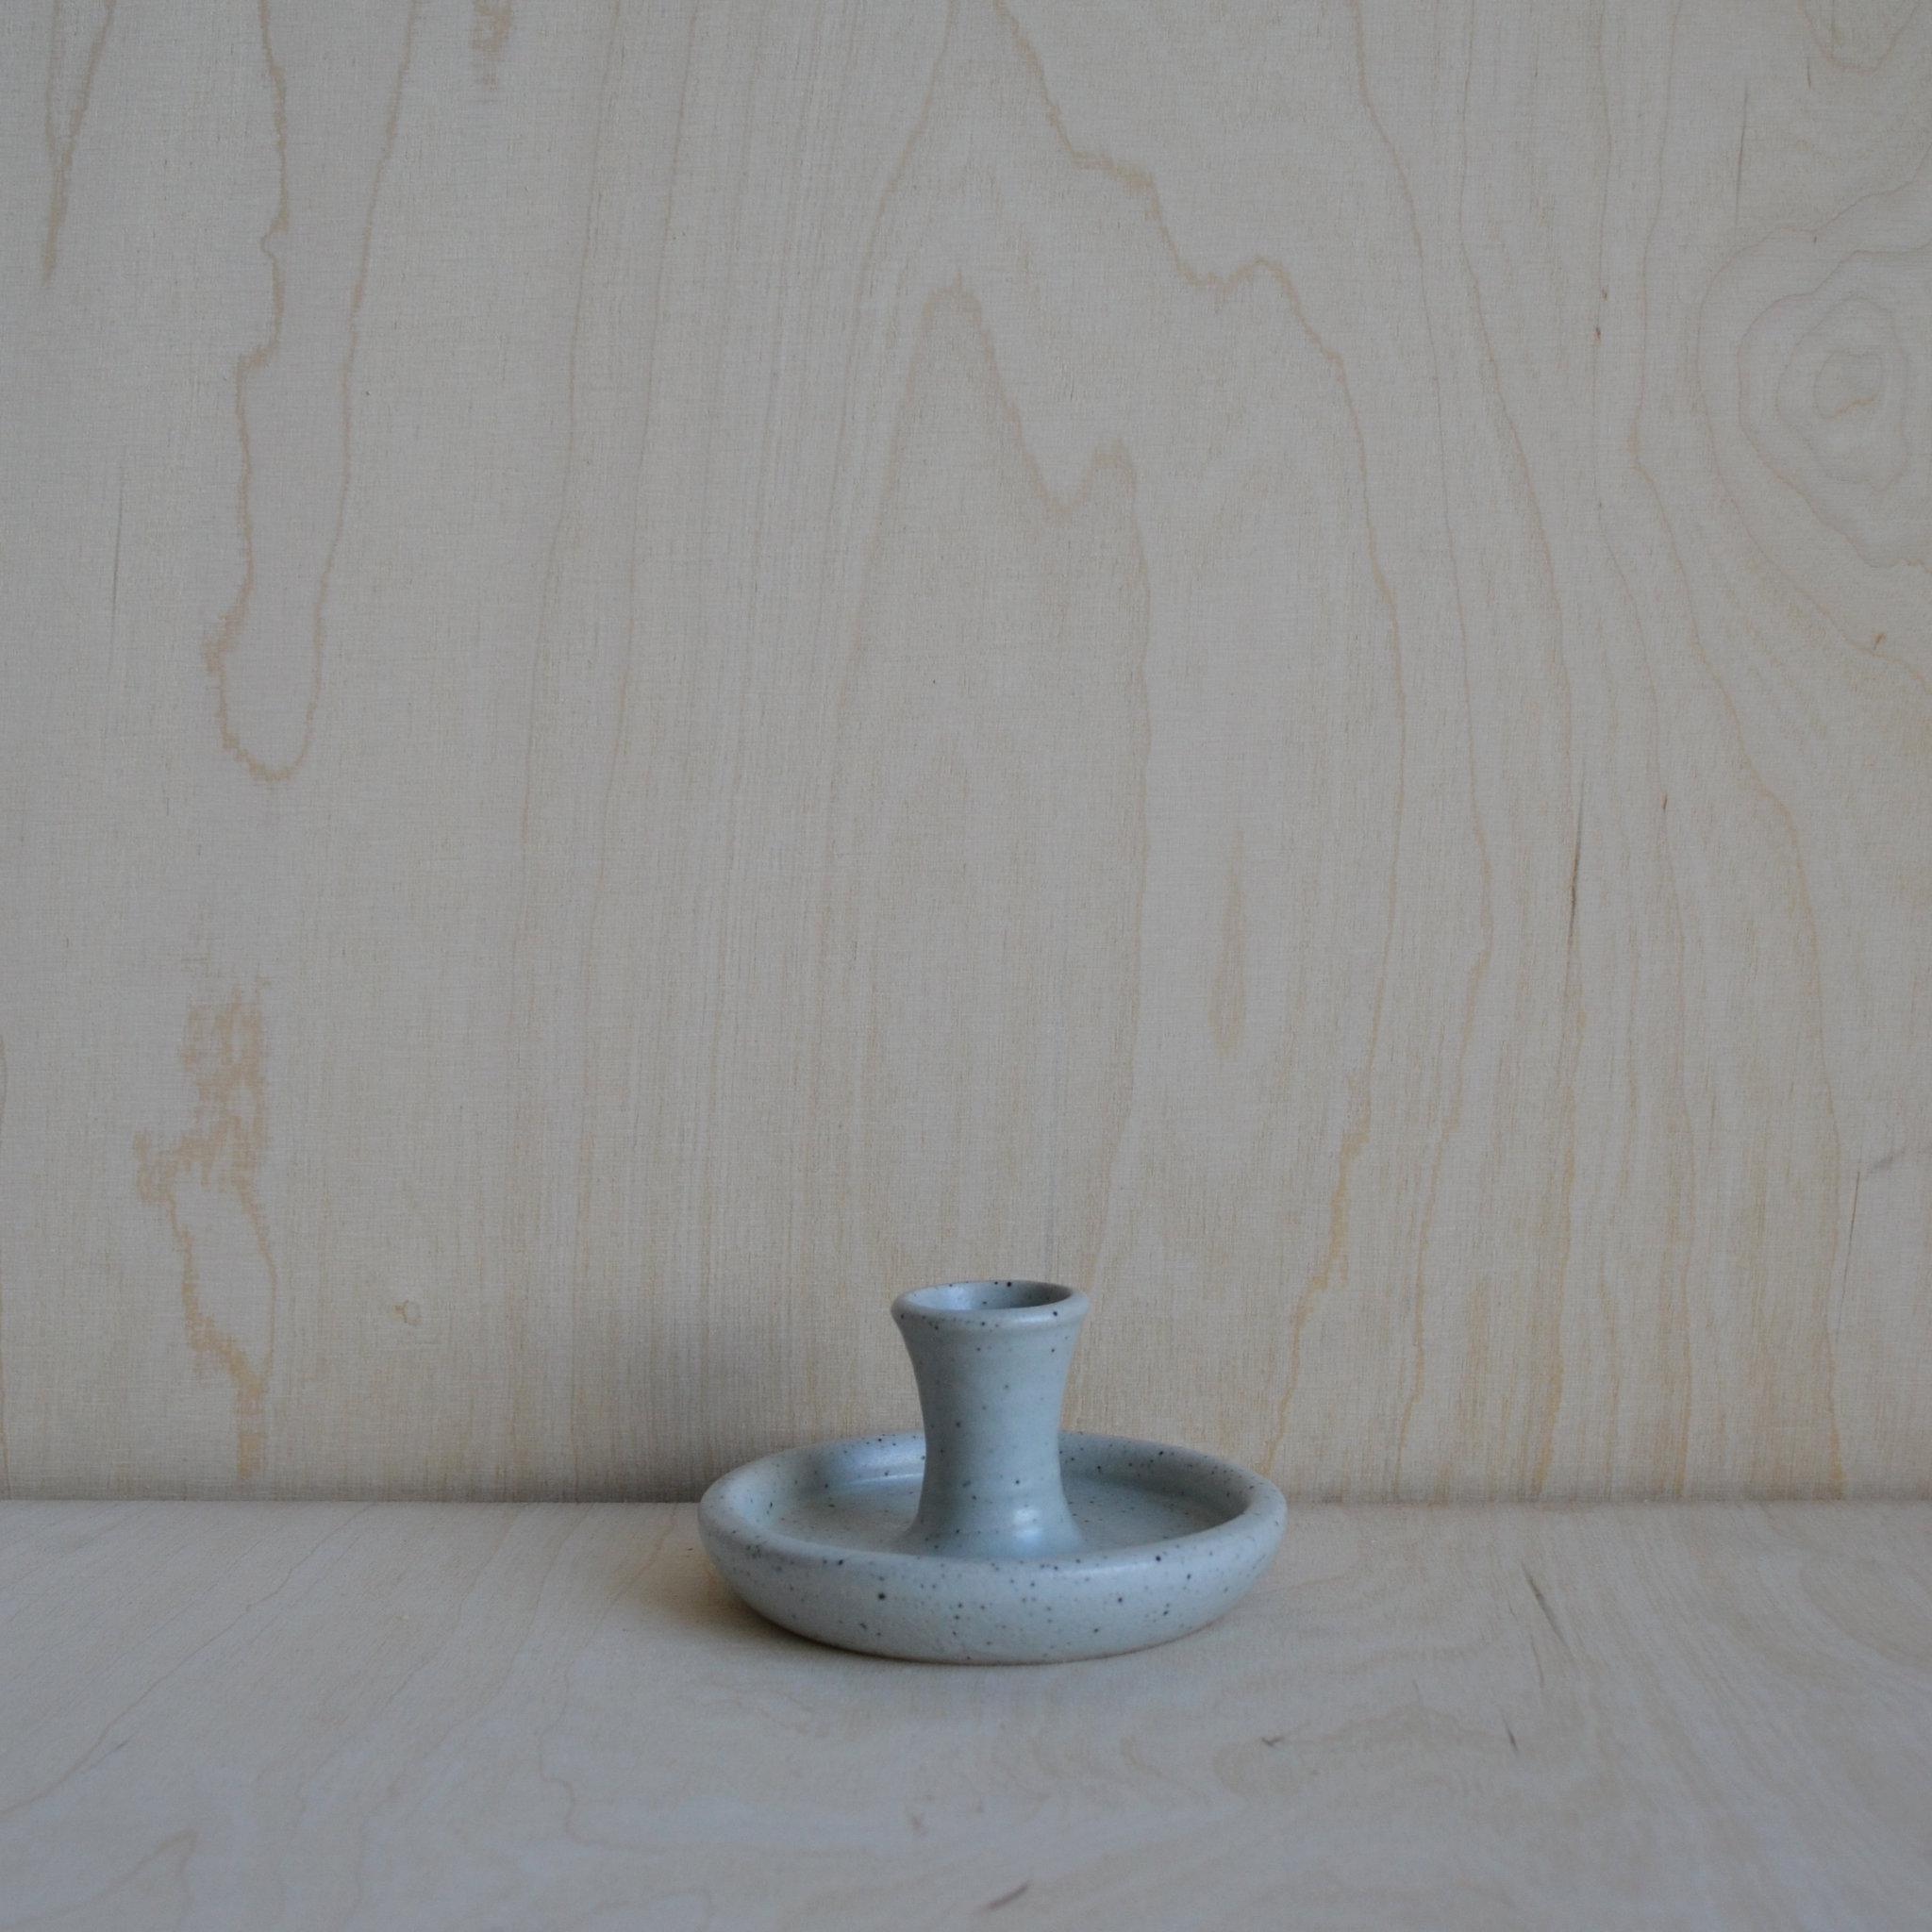 Speckled Candle Holder